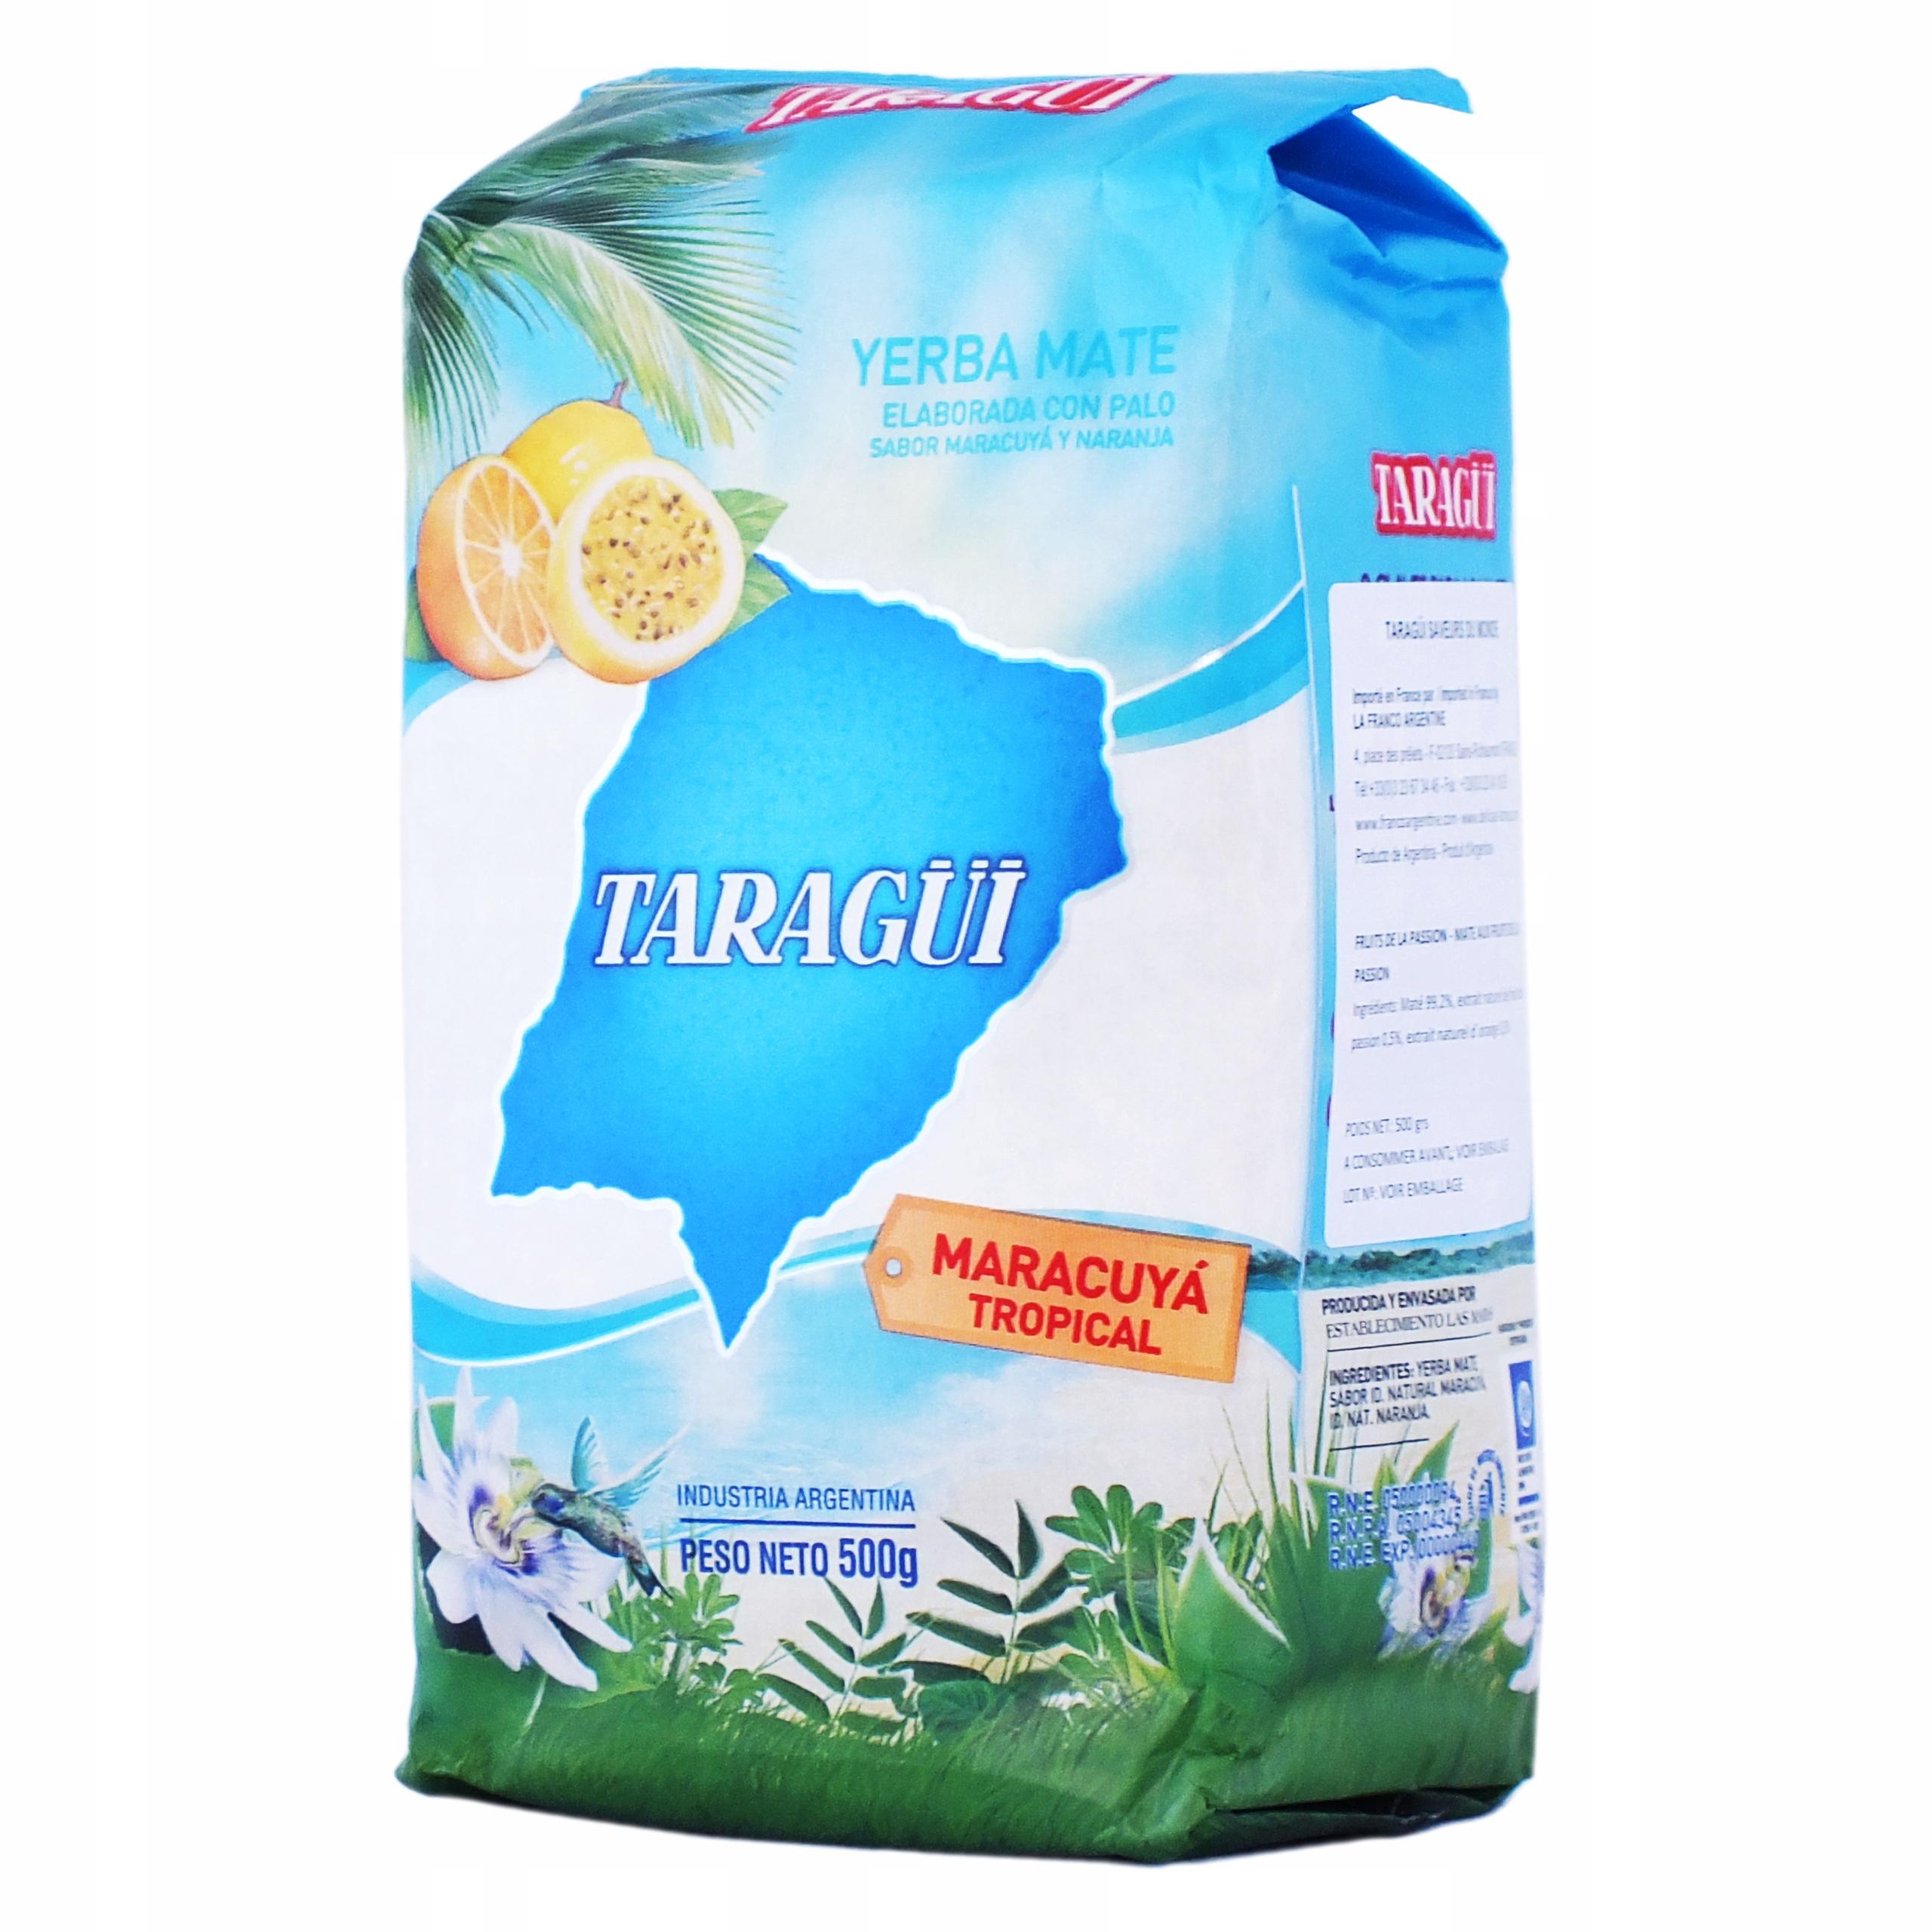 Item Yerba Mate TARAGUI Maracuya Tropical 500 g 0.5 kg